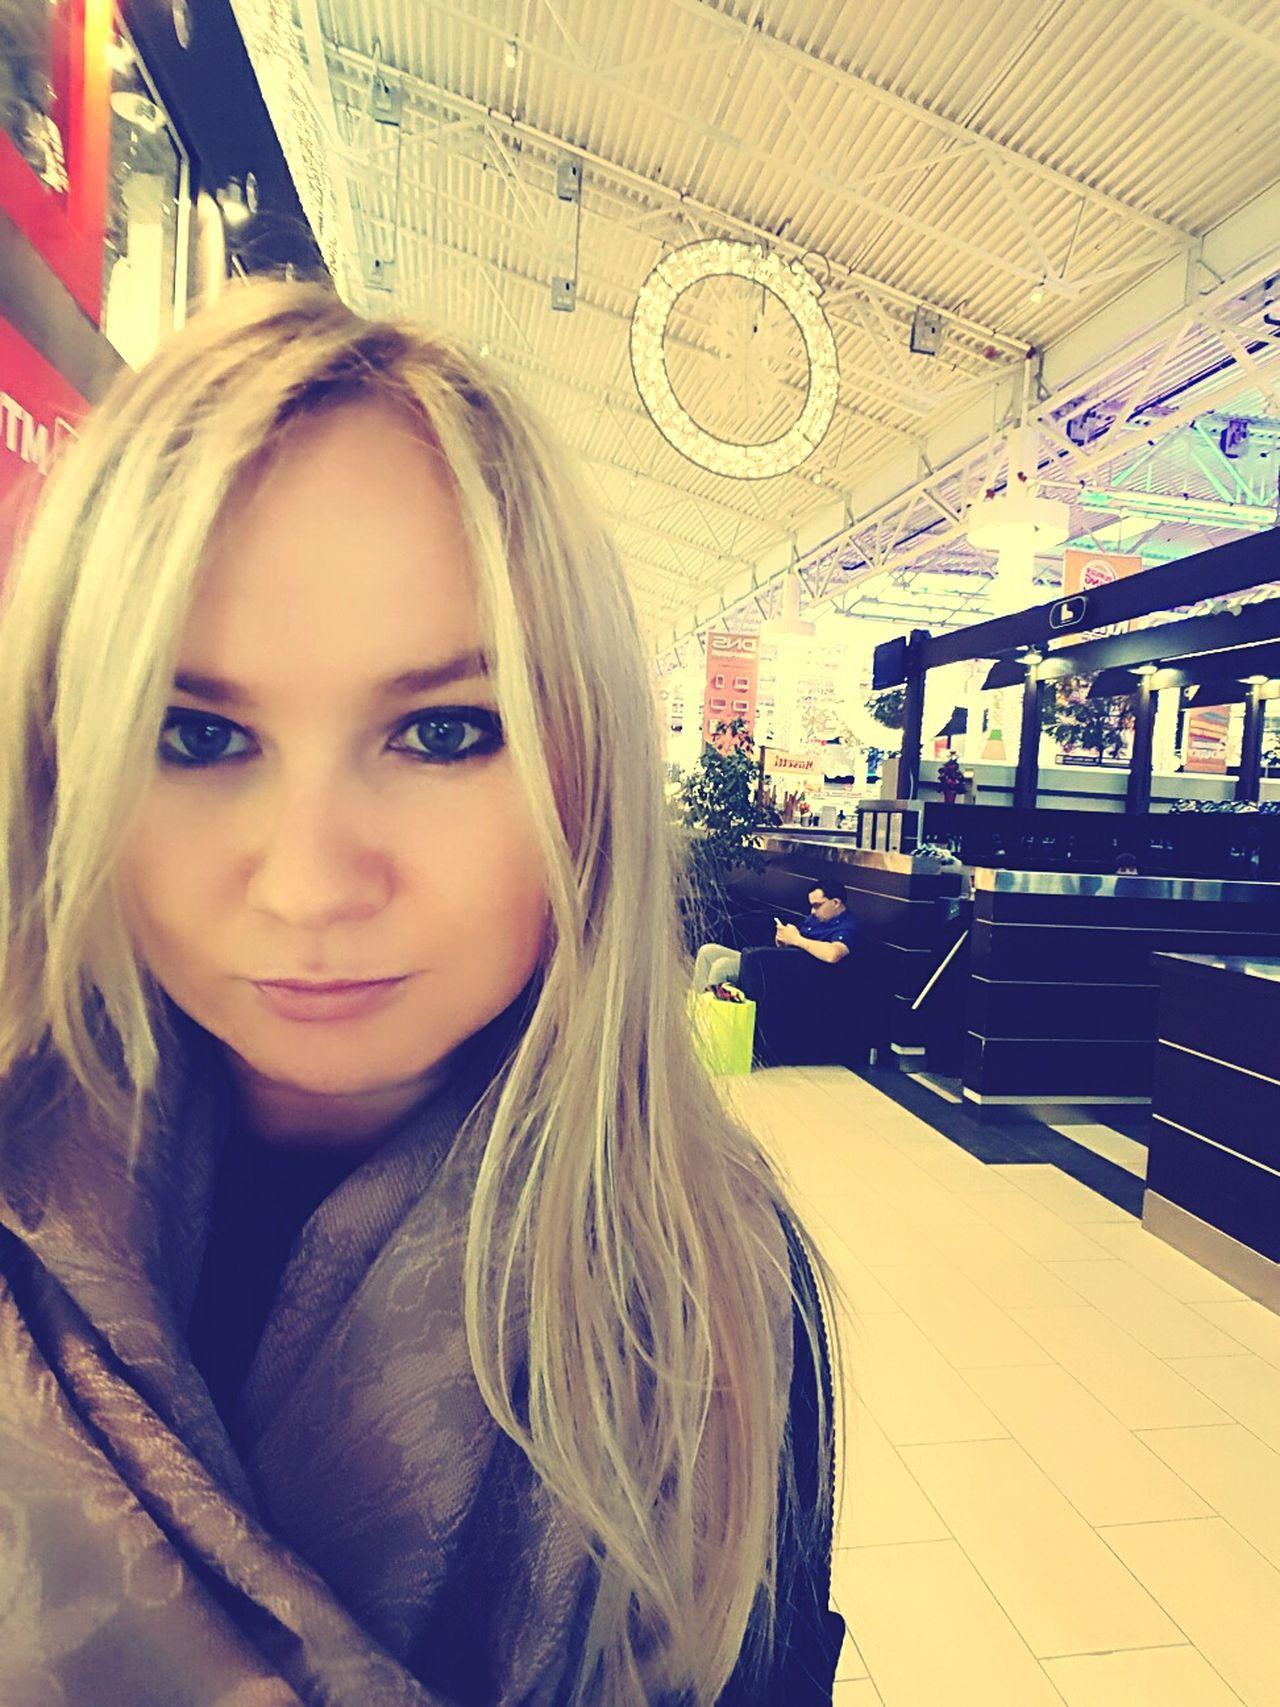 Украшения в меге! Чувствуется праздник Blond Hair Beautiful Woman Beauty Travel First Eyeem Photo